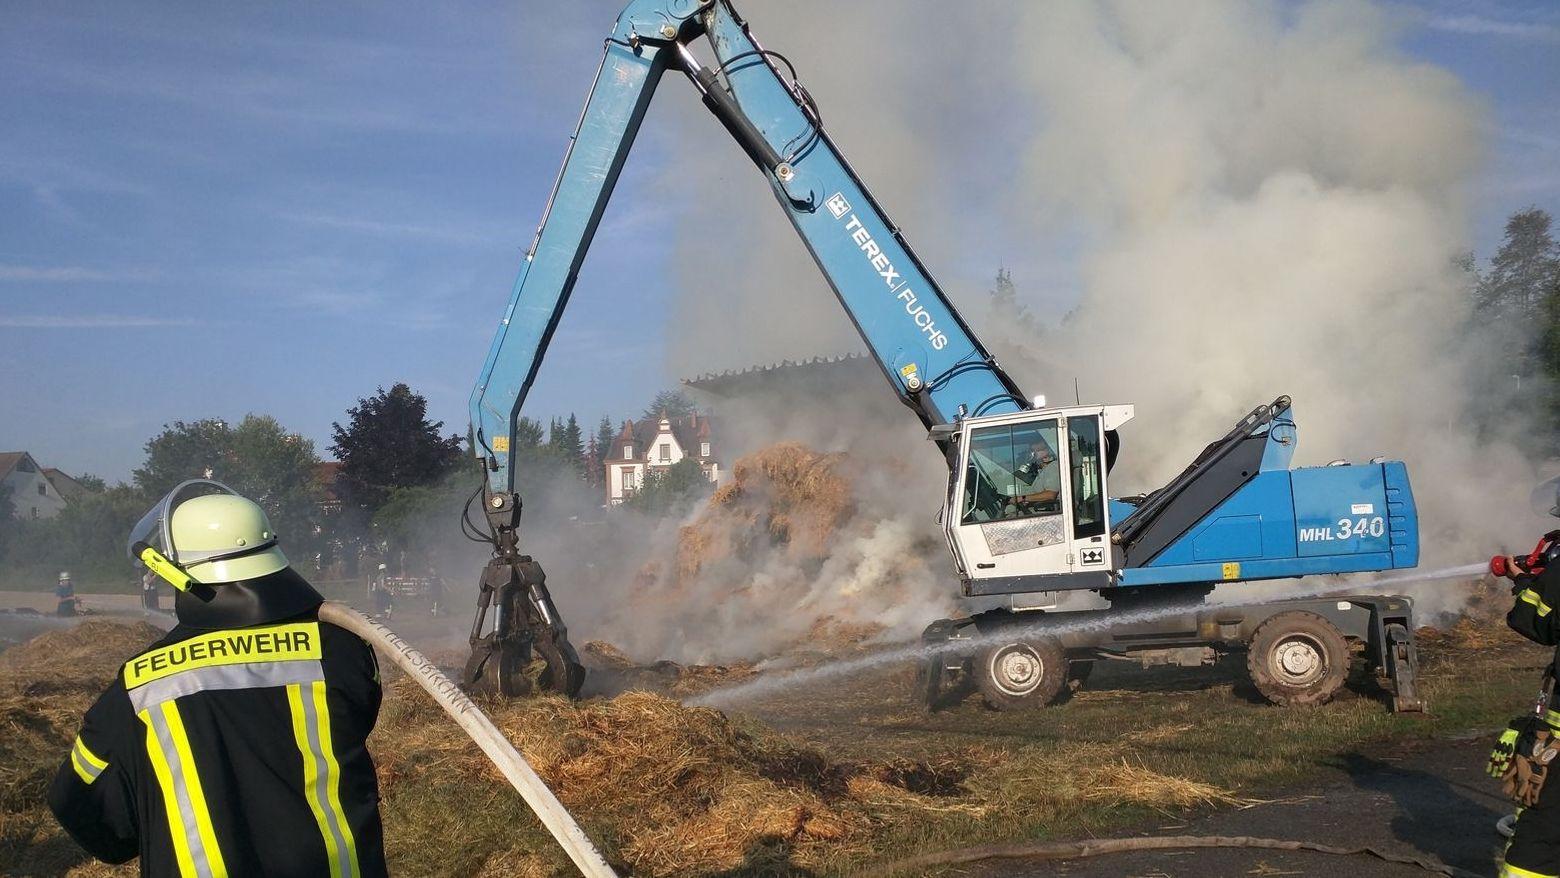 Feuerwehr an der brennenden Scheune in Heilsbronn